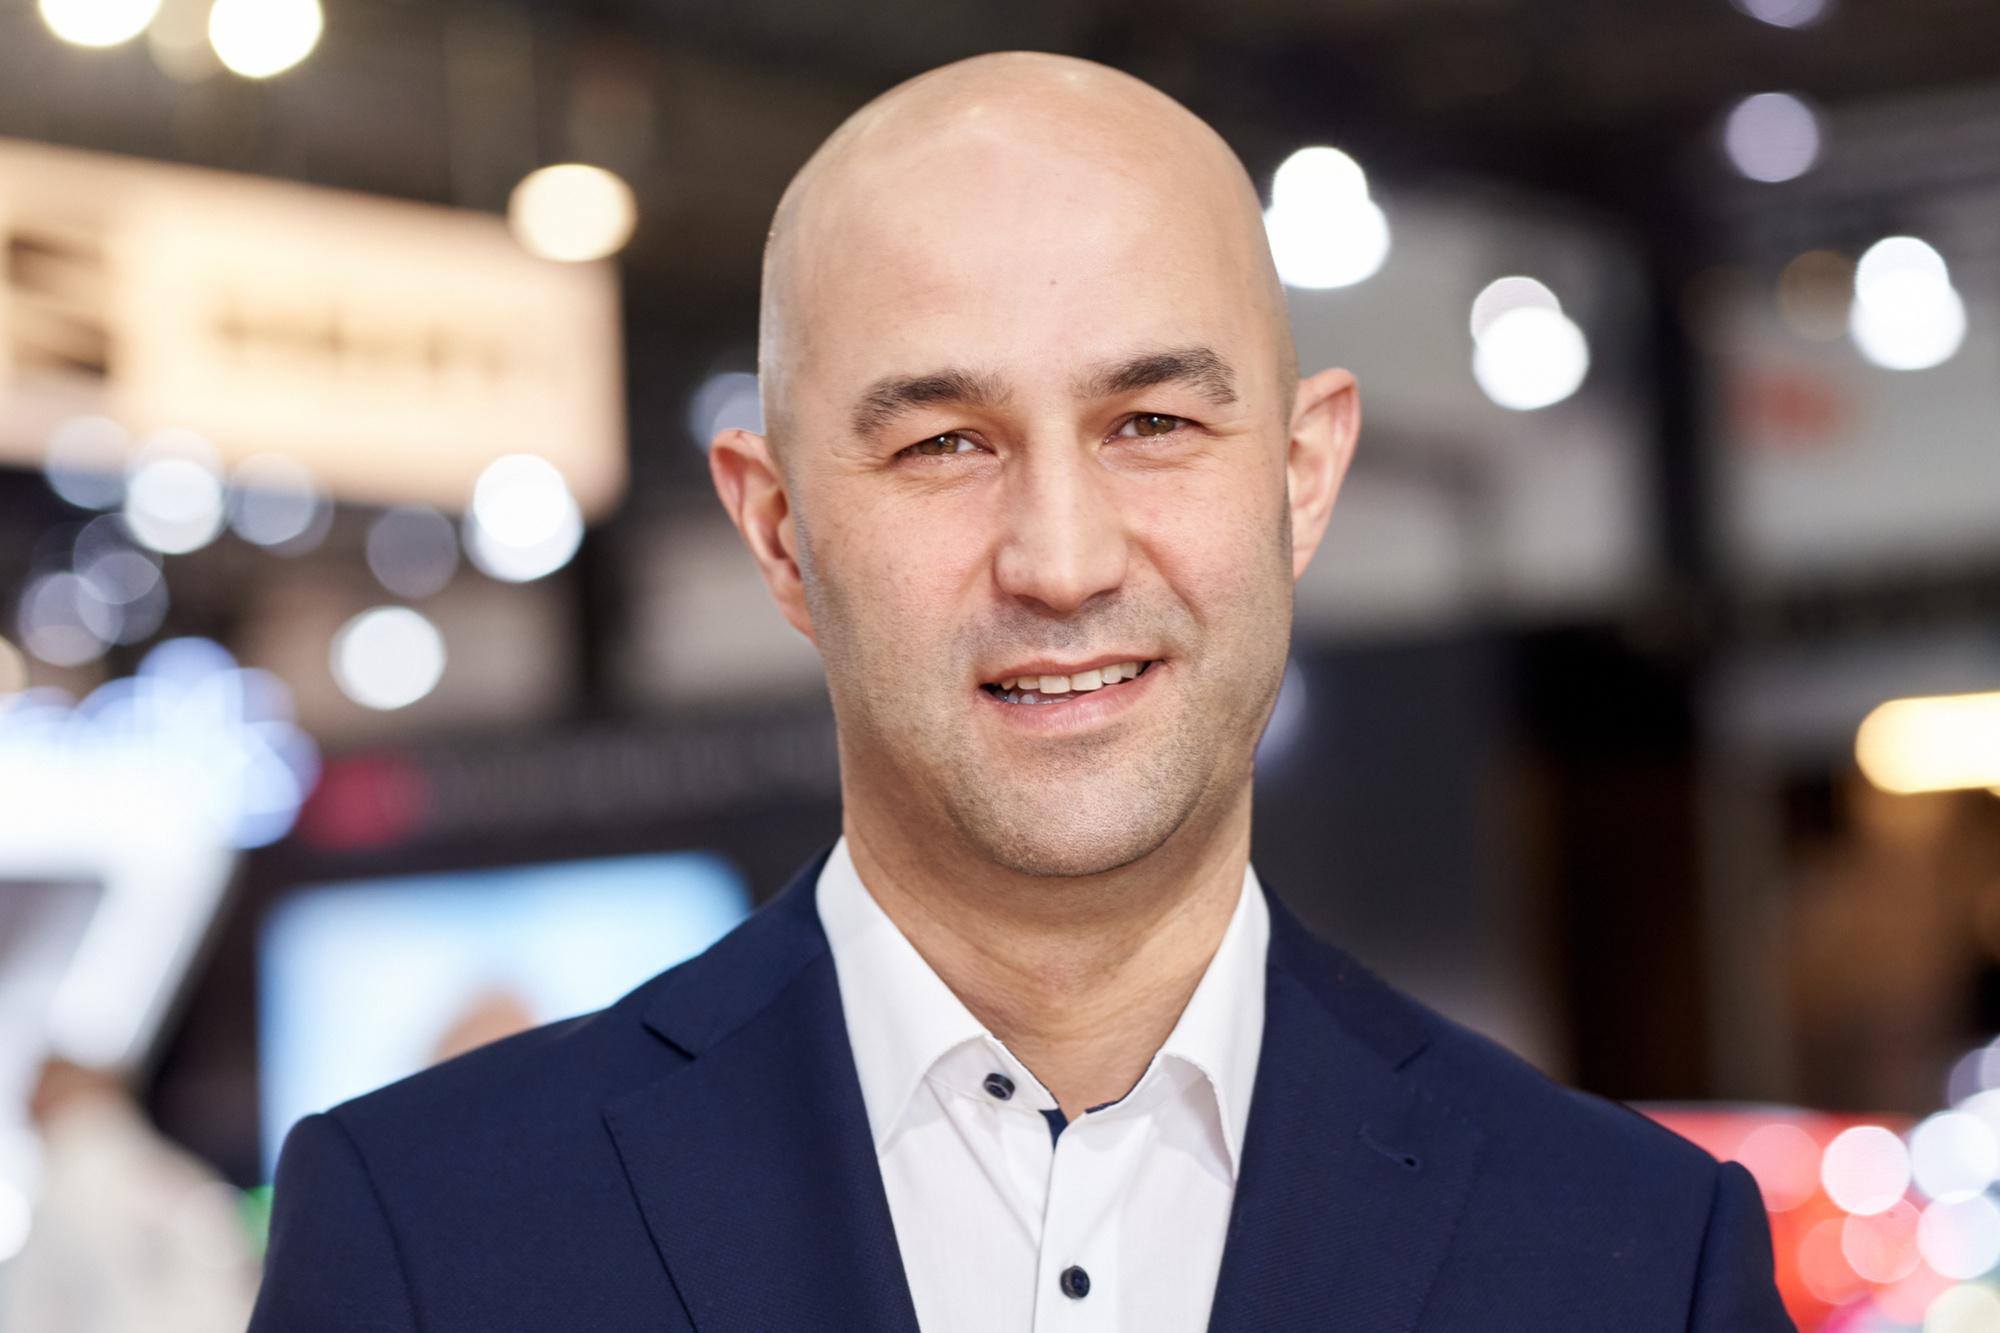 Gert Van Leeuw ziet nog groeipotentieel voor Seat in de fleetmarkt, Patrick Theunissen